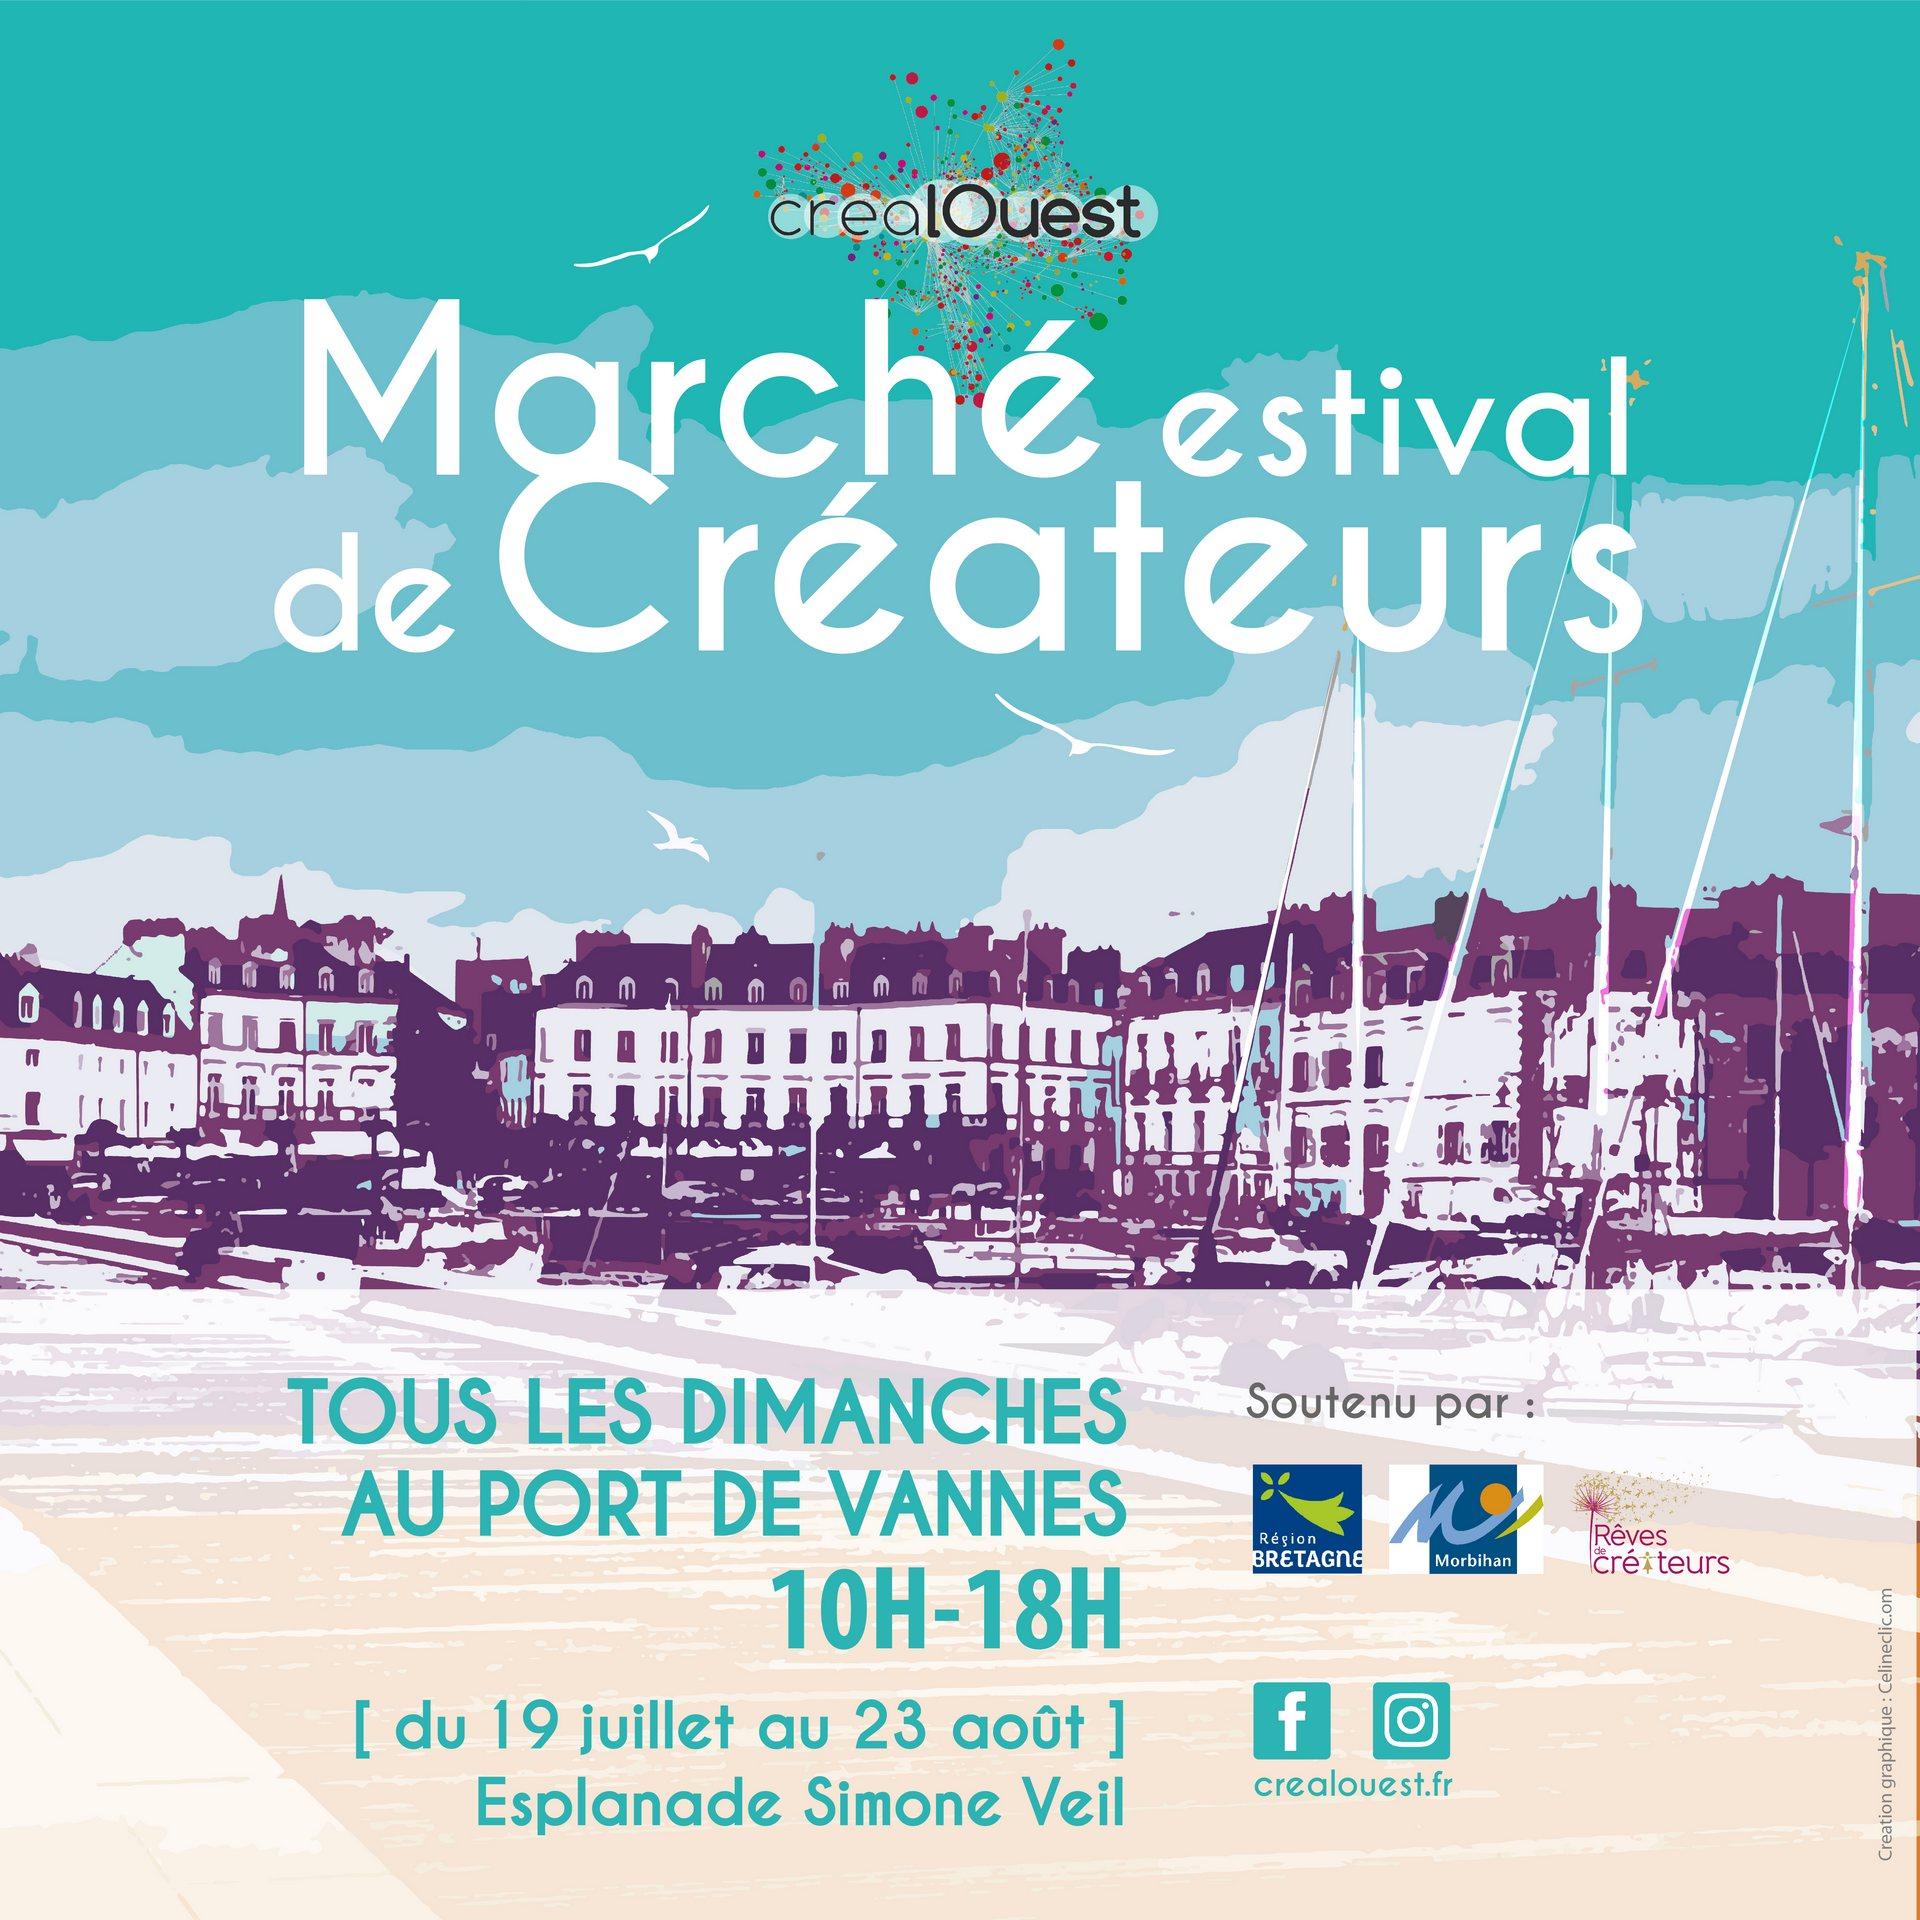 crealOuest, marché estival de créateurs à Vannes